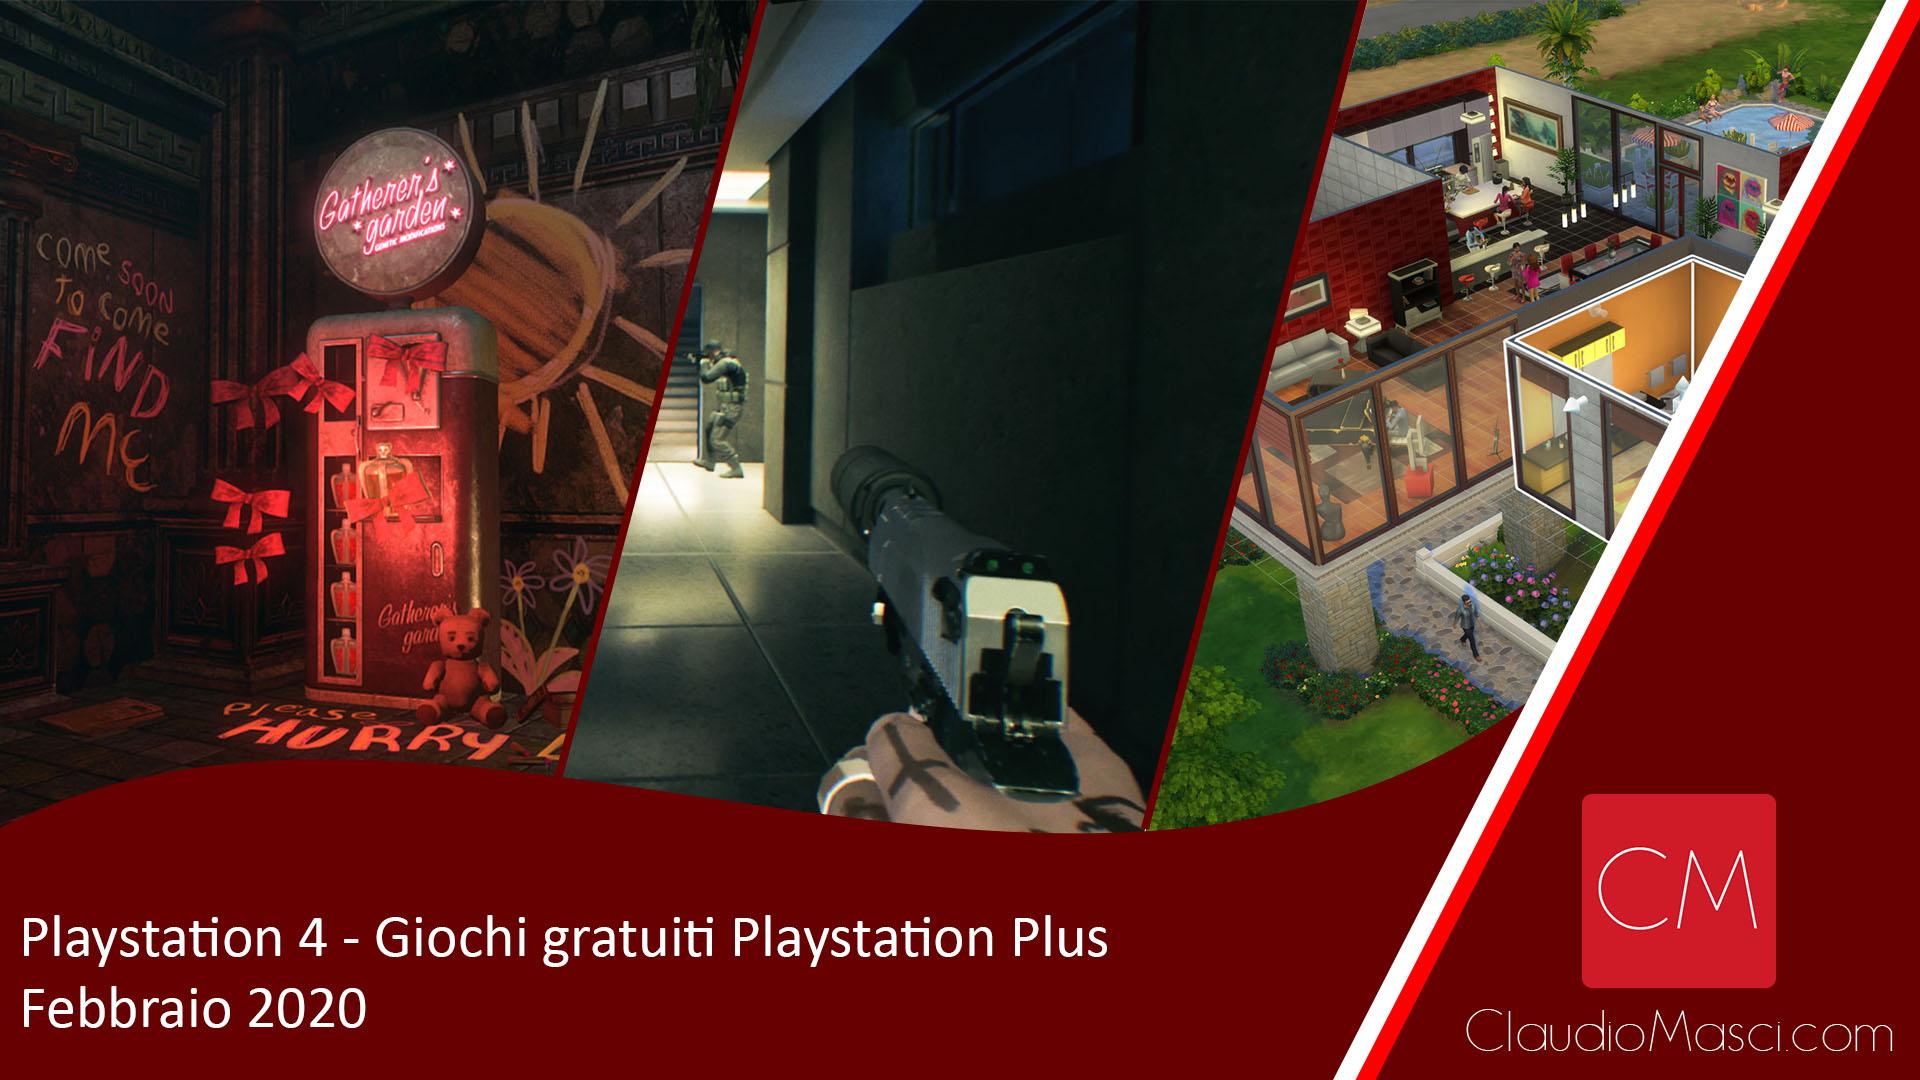 PS Plus – Giochi gratuiti Playstation Plus di Febbraio 2020